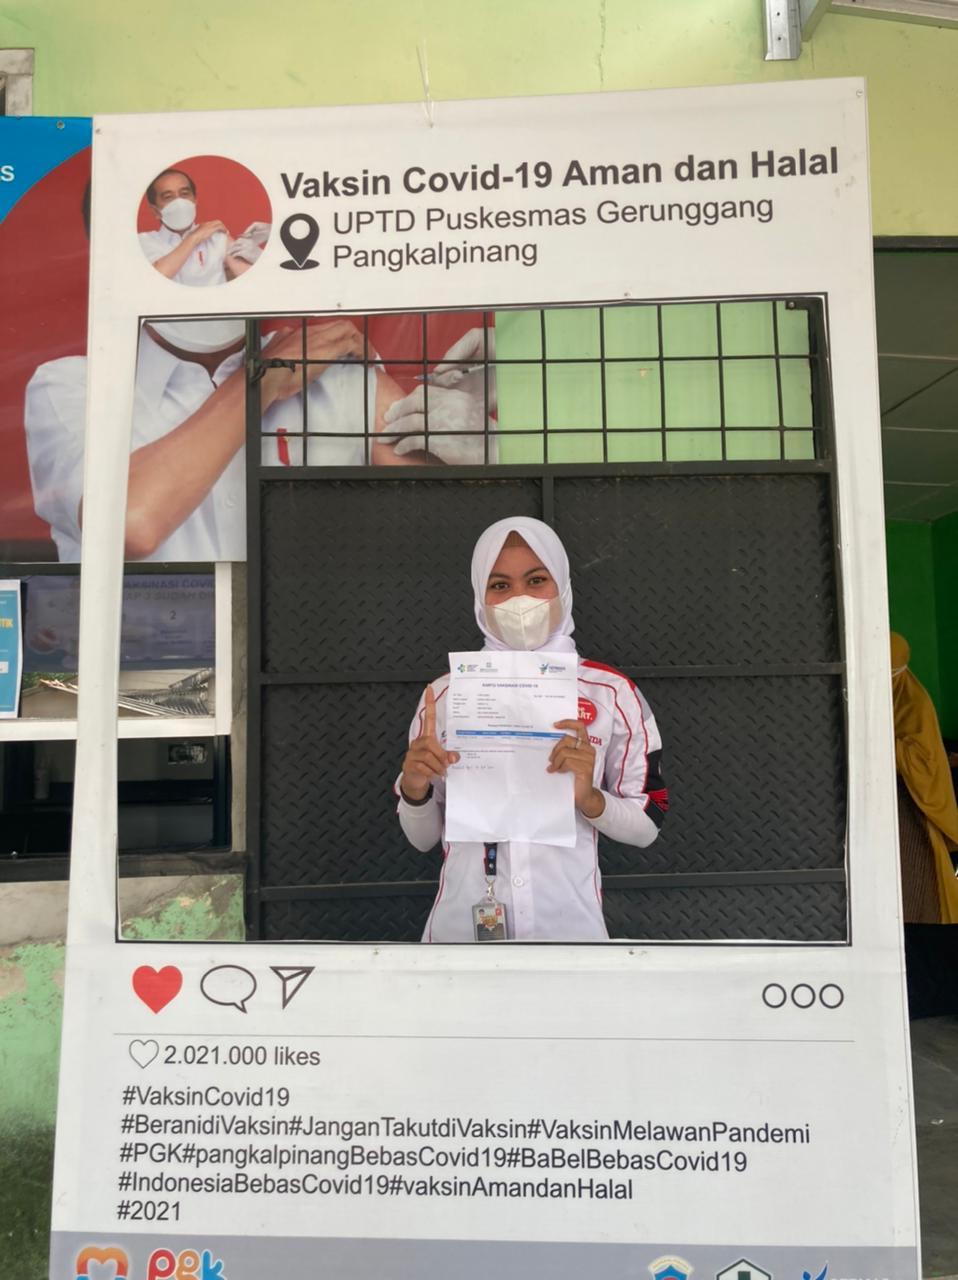 Dealer Tunas Honda telah  melaksanakan vaksinasi Covid-19 untuk seluruh tim nya di Puskesmas Gerunggang (21/06)